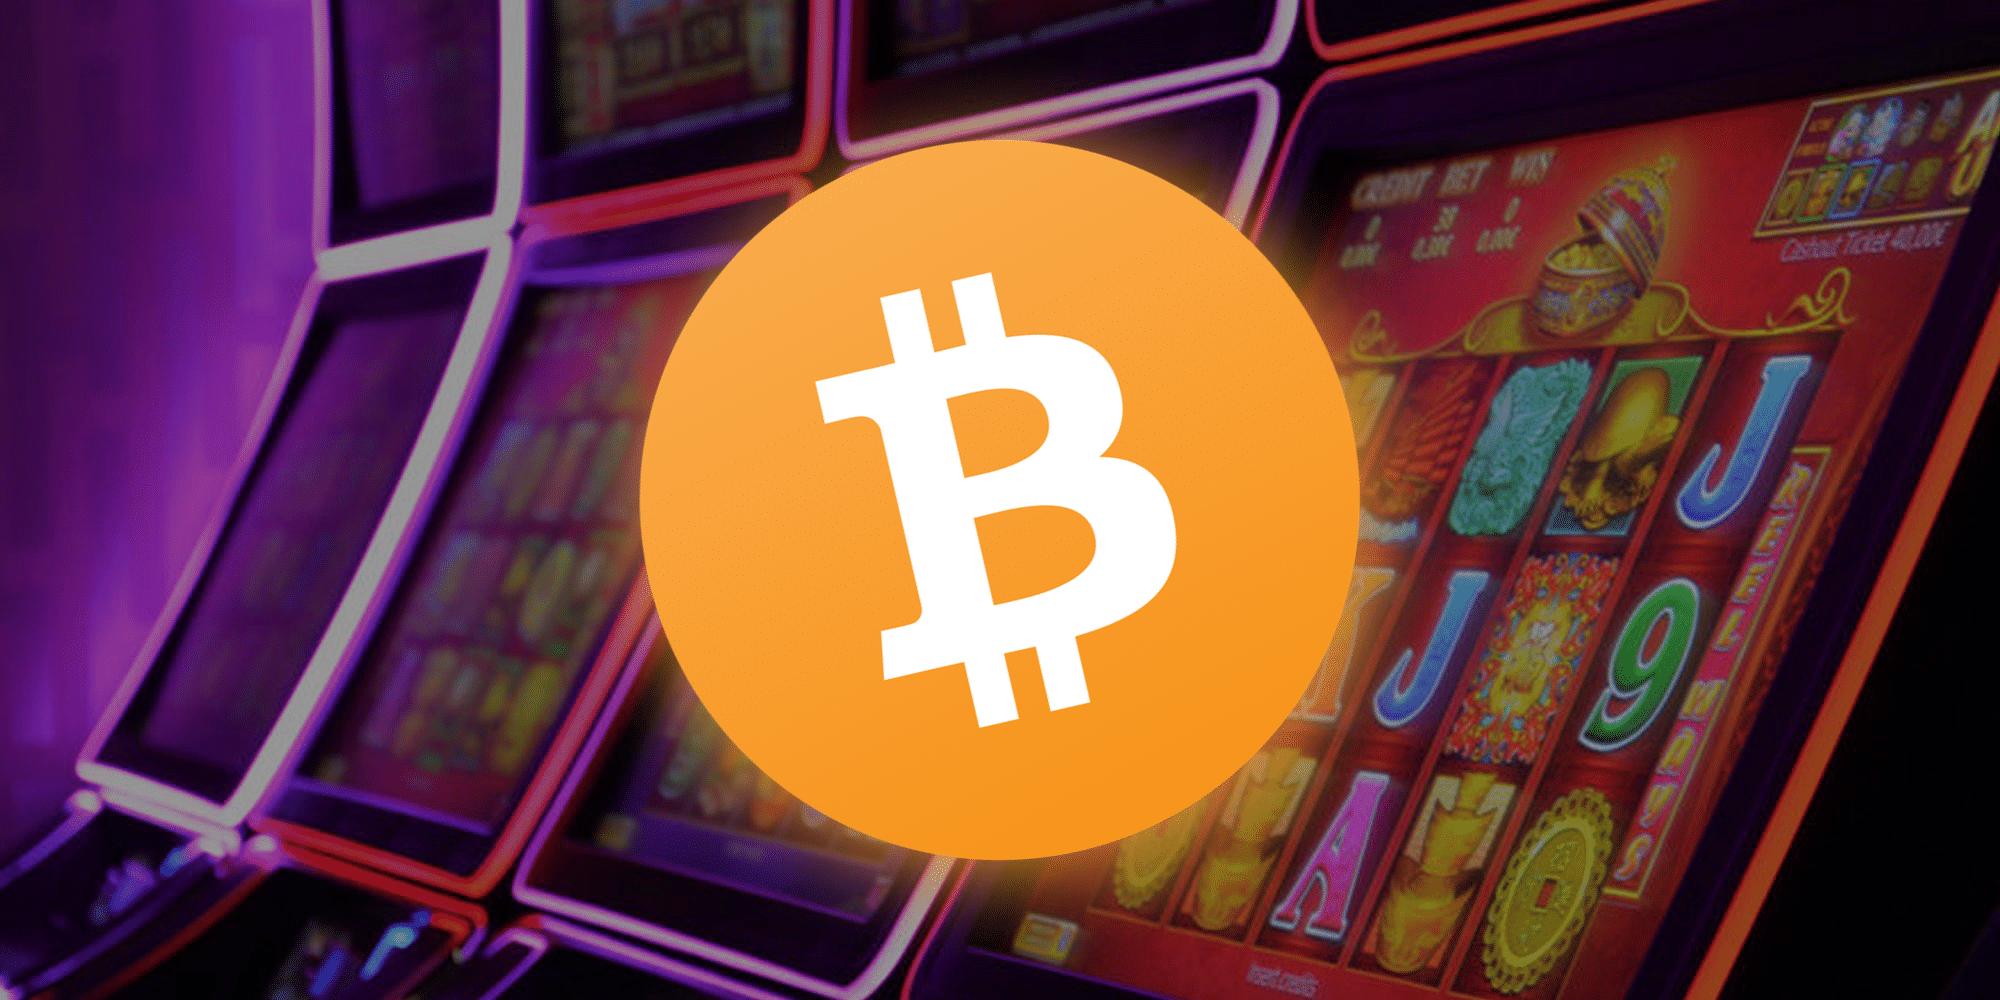 En iyi bitcoin yuvası çevrimiçi